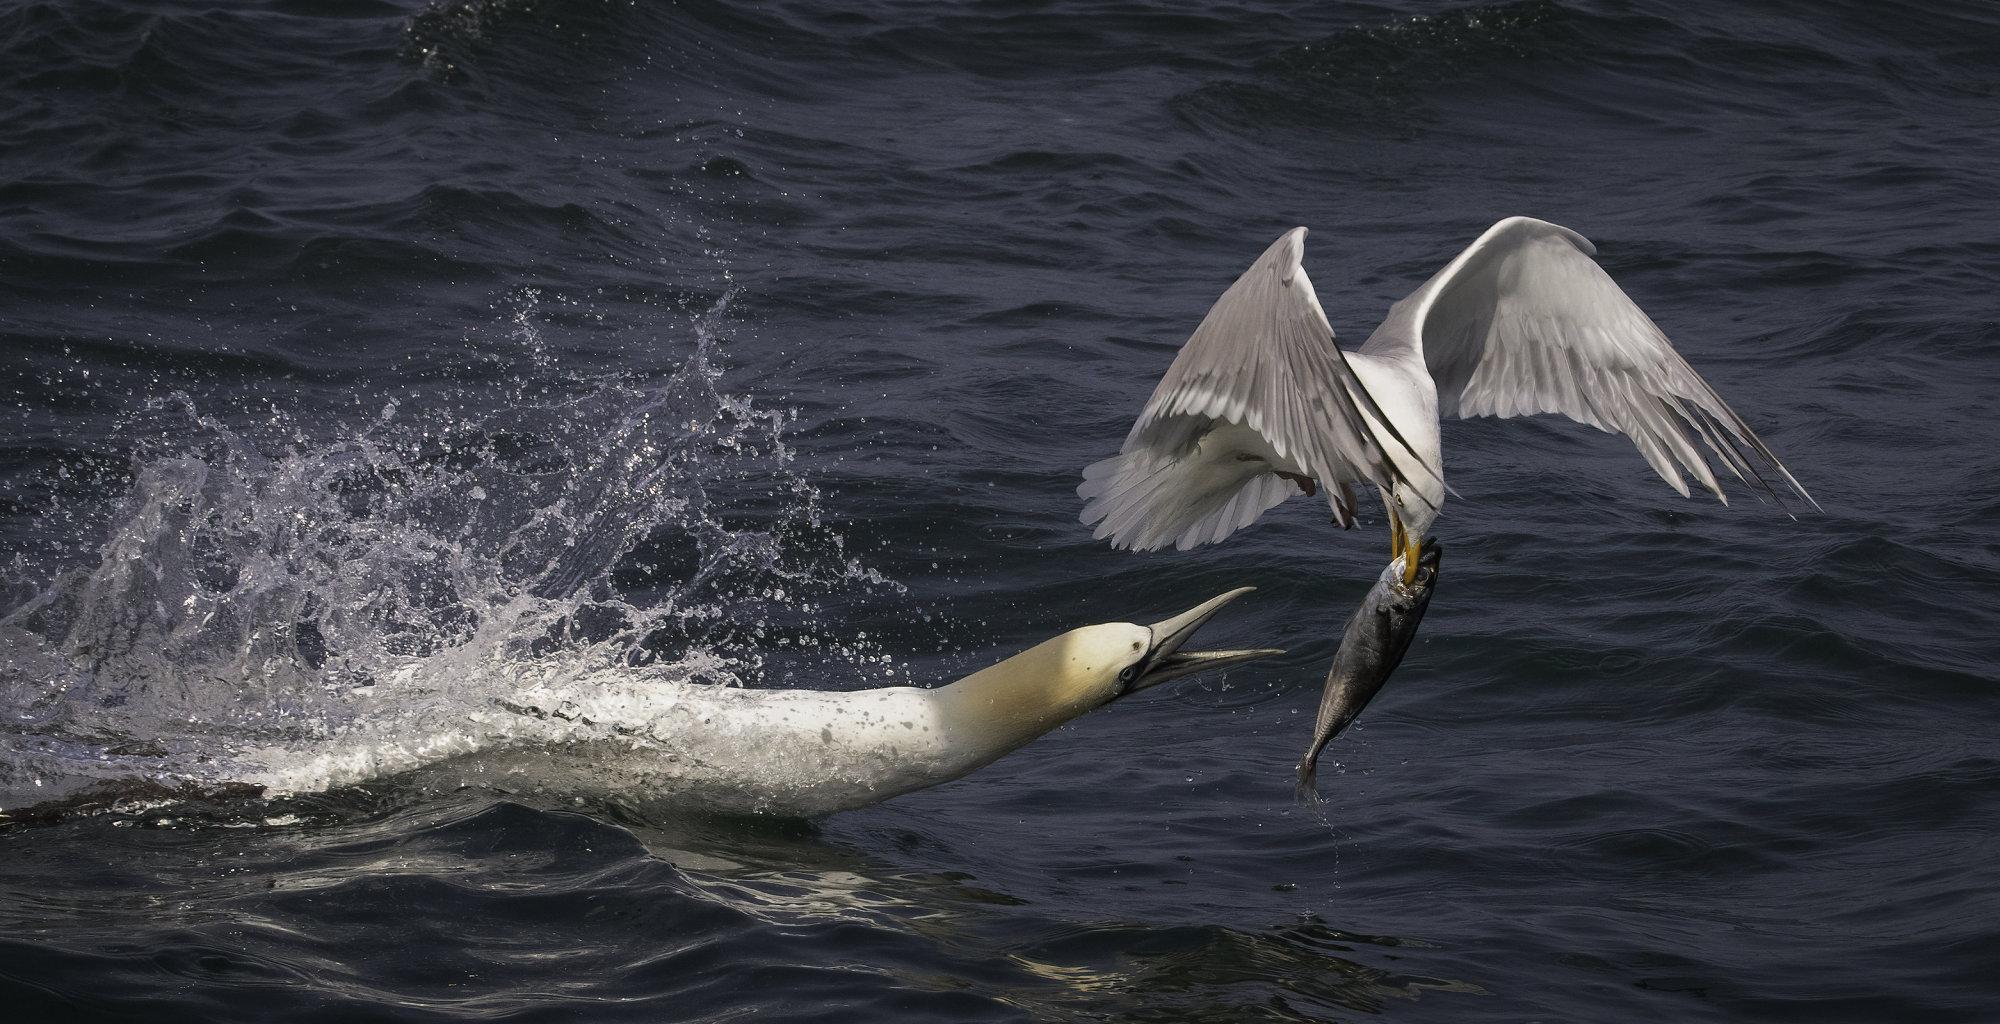 Gannet chasing gull